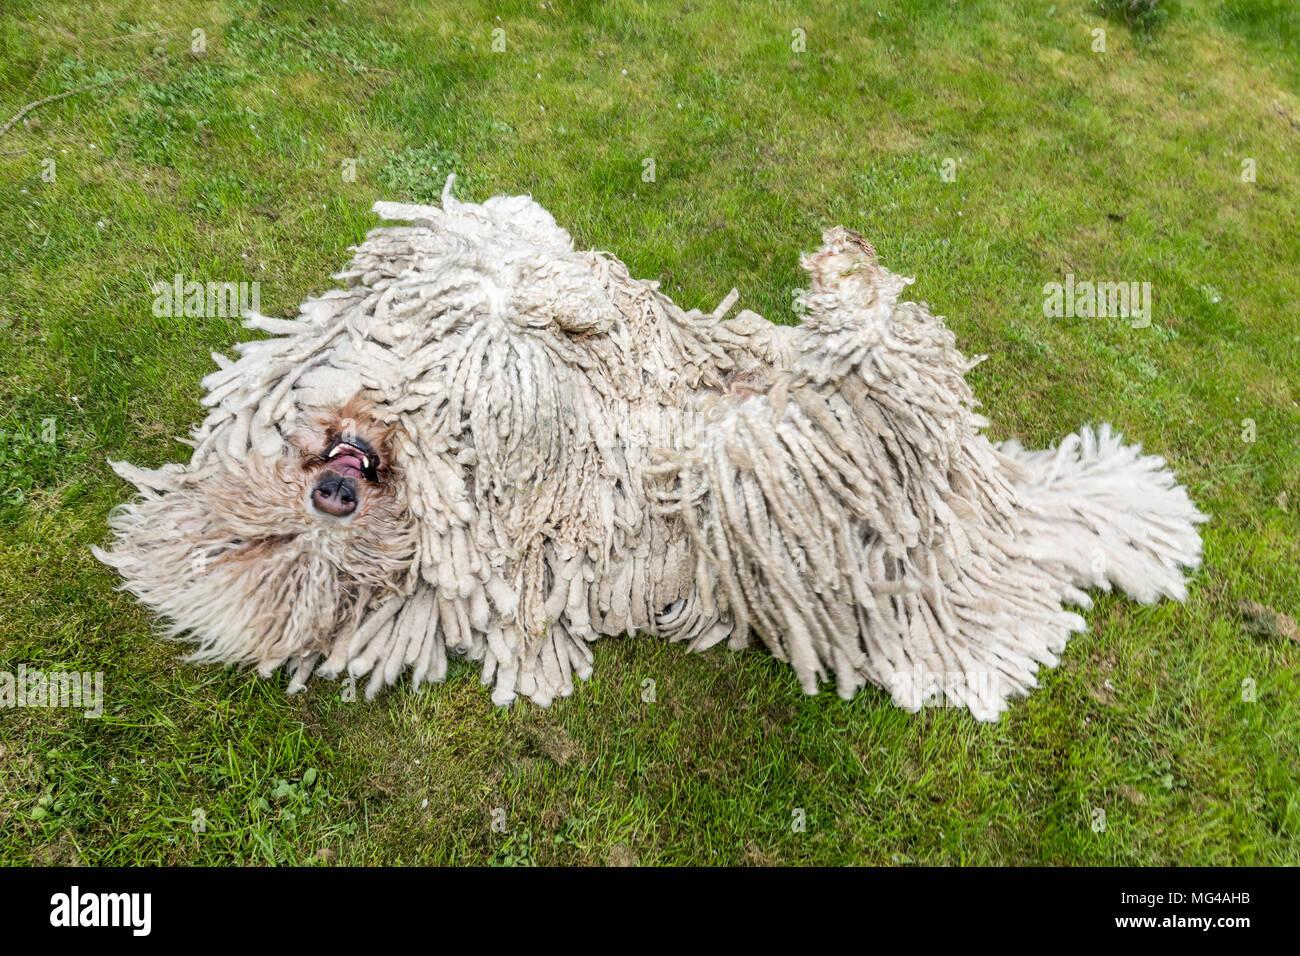 Grande bianco cane peloso comodor nel giardino. Komodor cane. Un cane  stupido commodore sull d12705660e3f